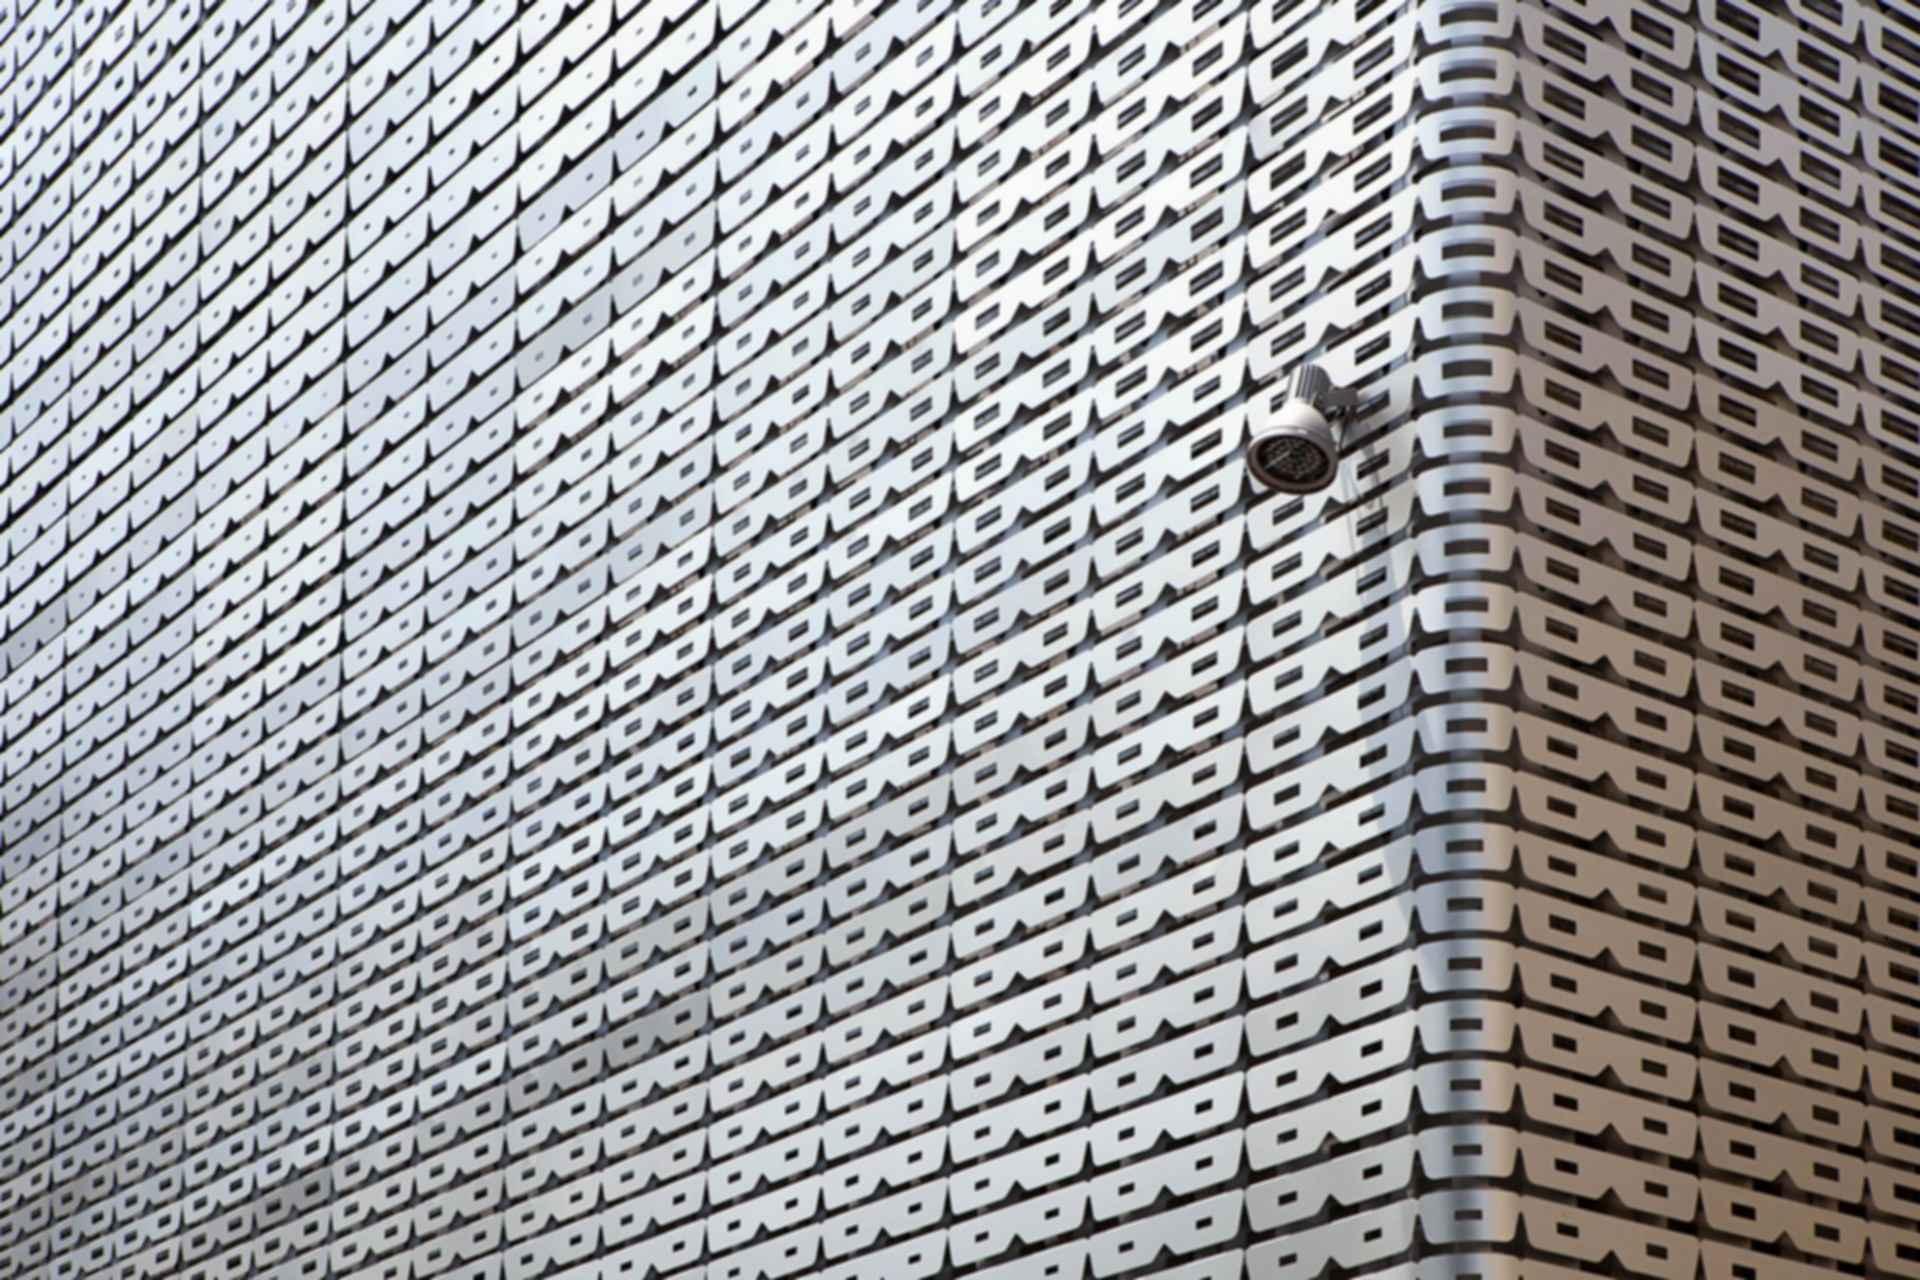 Davich Optical Chain - exterior